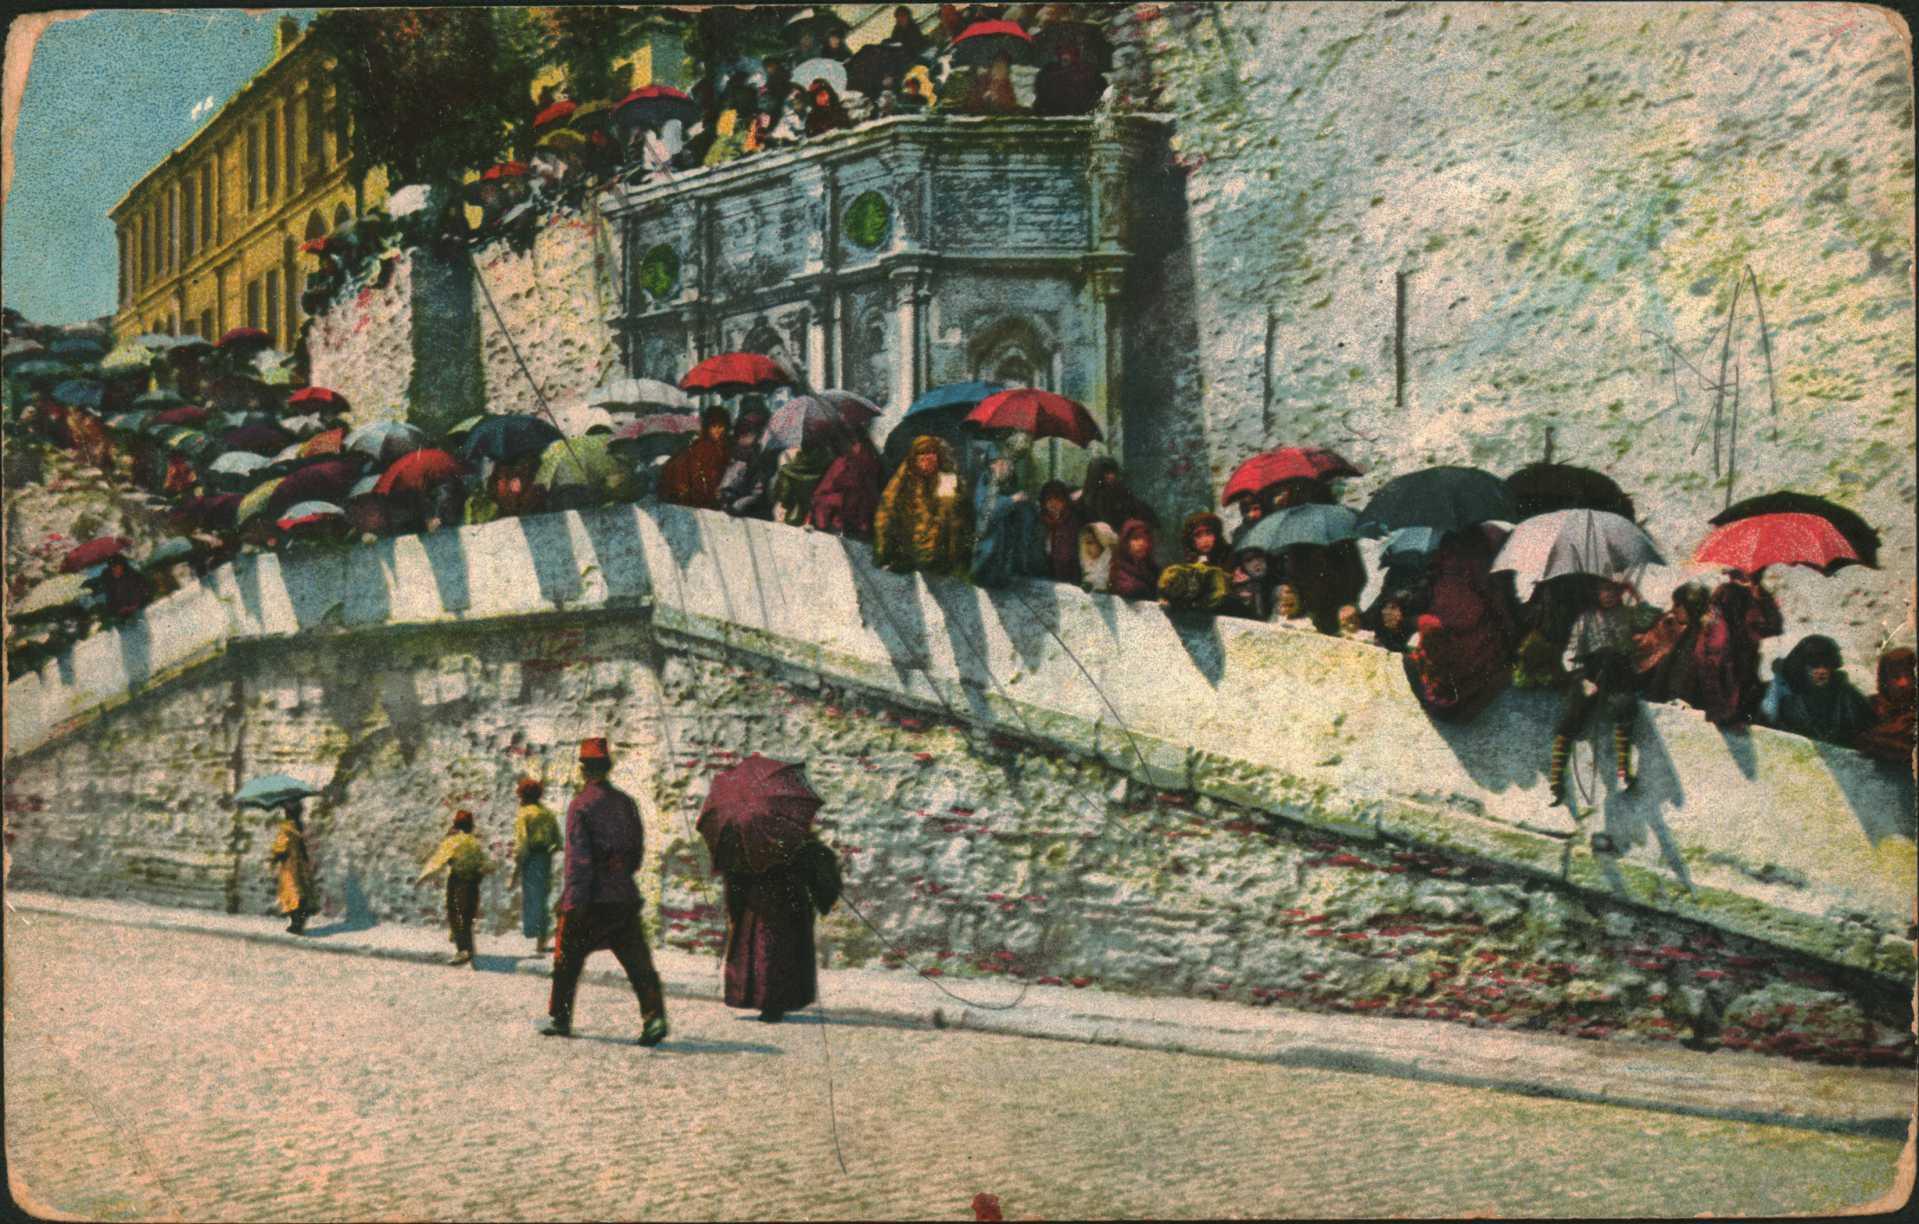 Constantinople-Les femmes turques attendant  le passage de S.M.LE Sultan